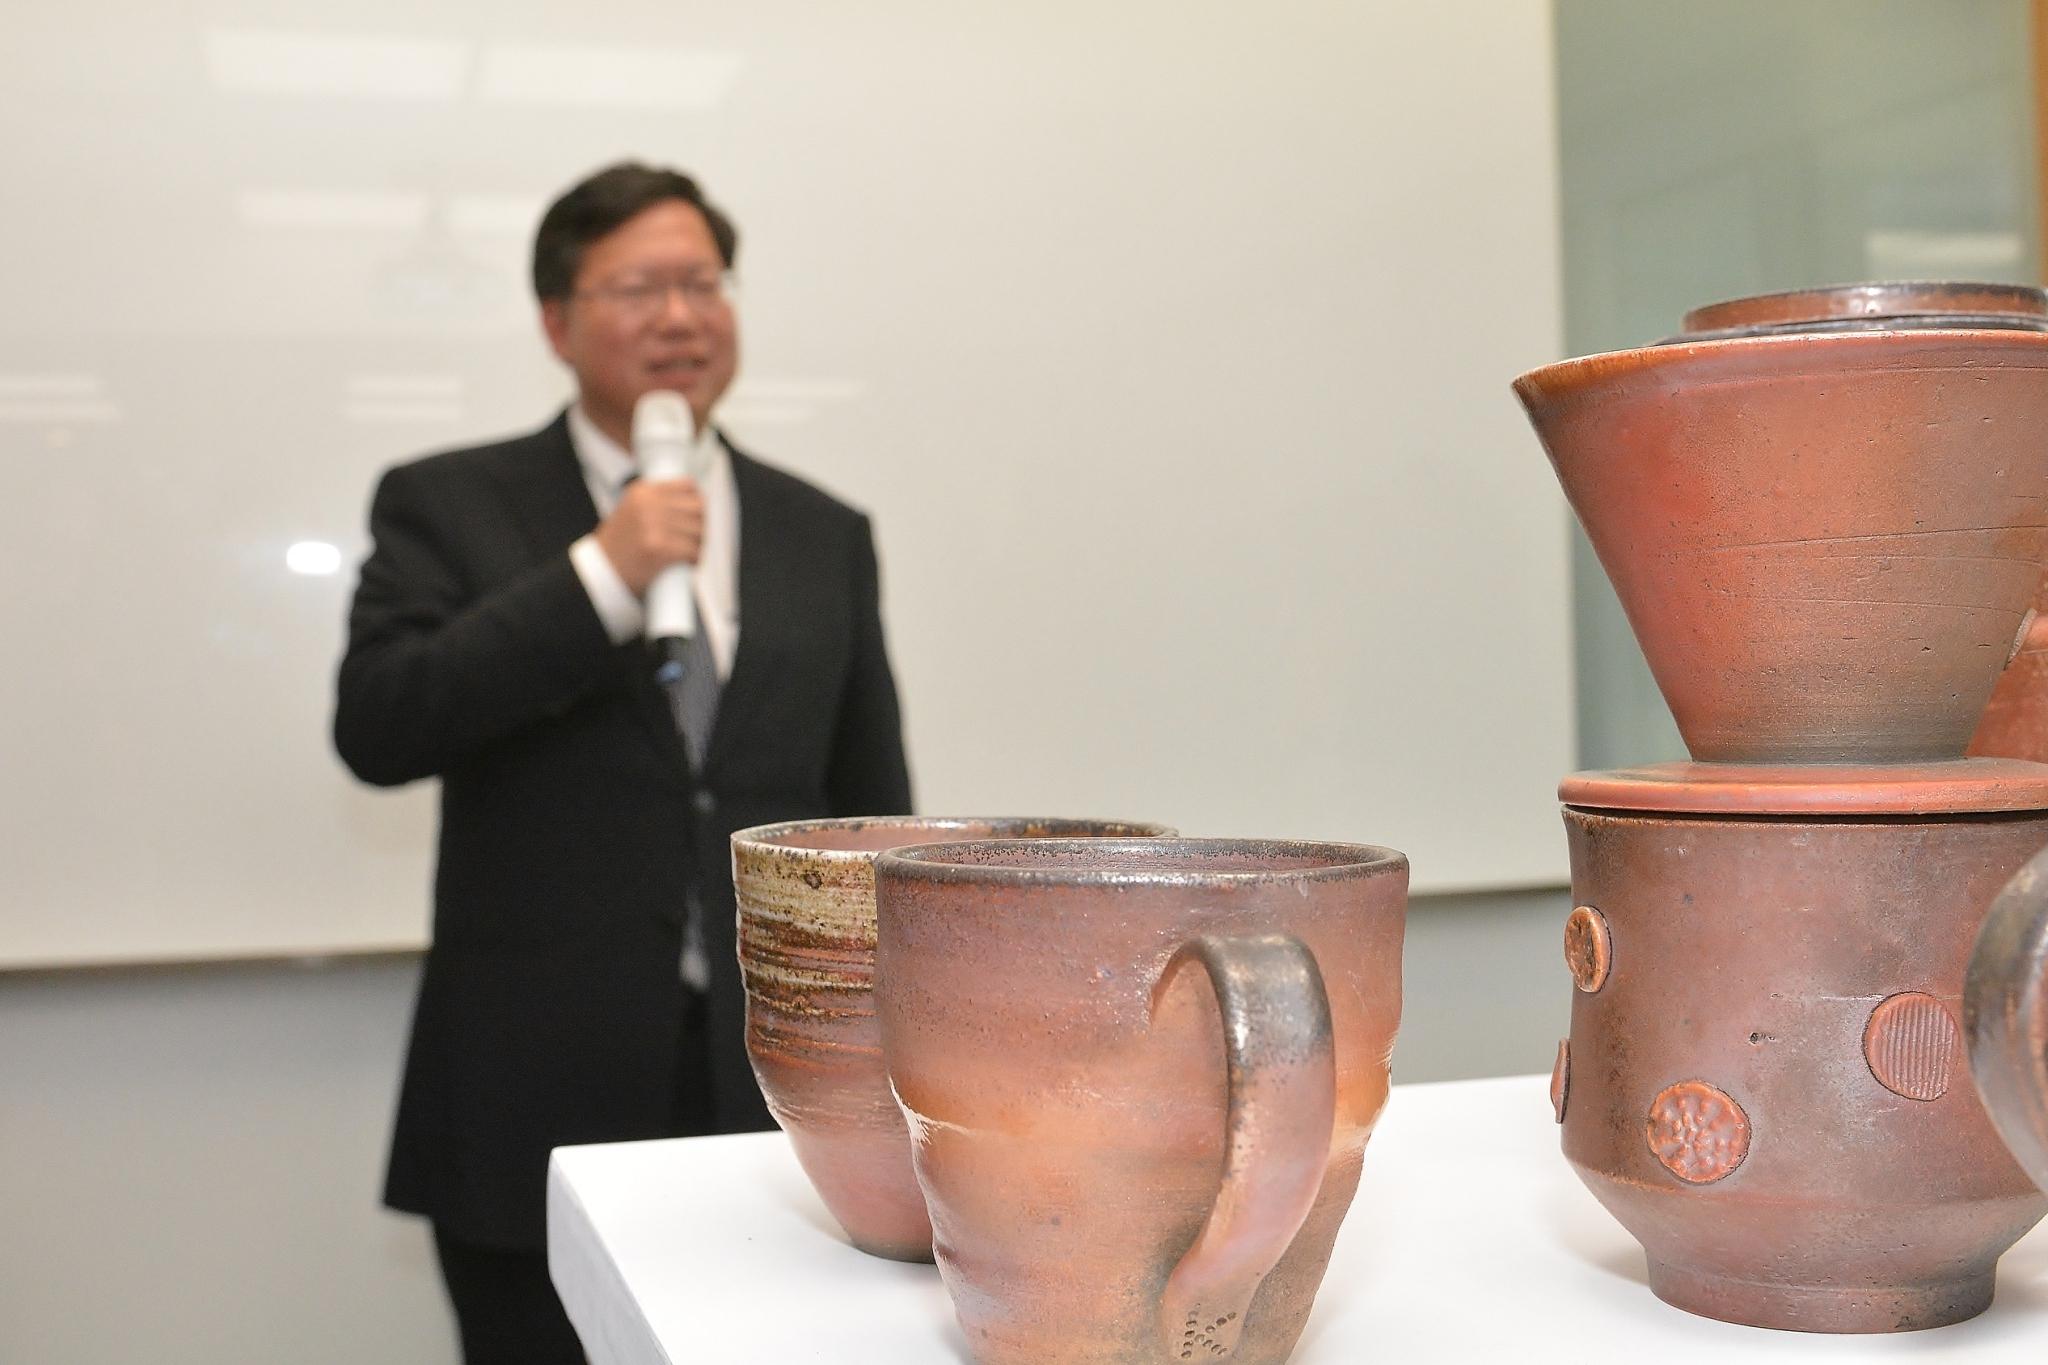 和窯特展—陶藝家聯展 鄭市長:增加更多特展交流,深化城市文化底蘊